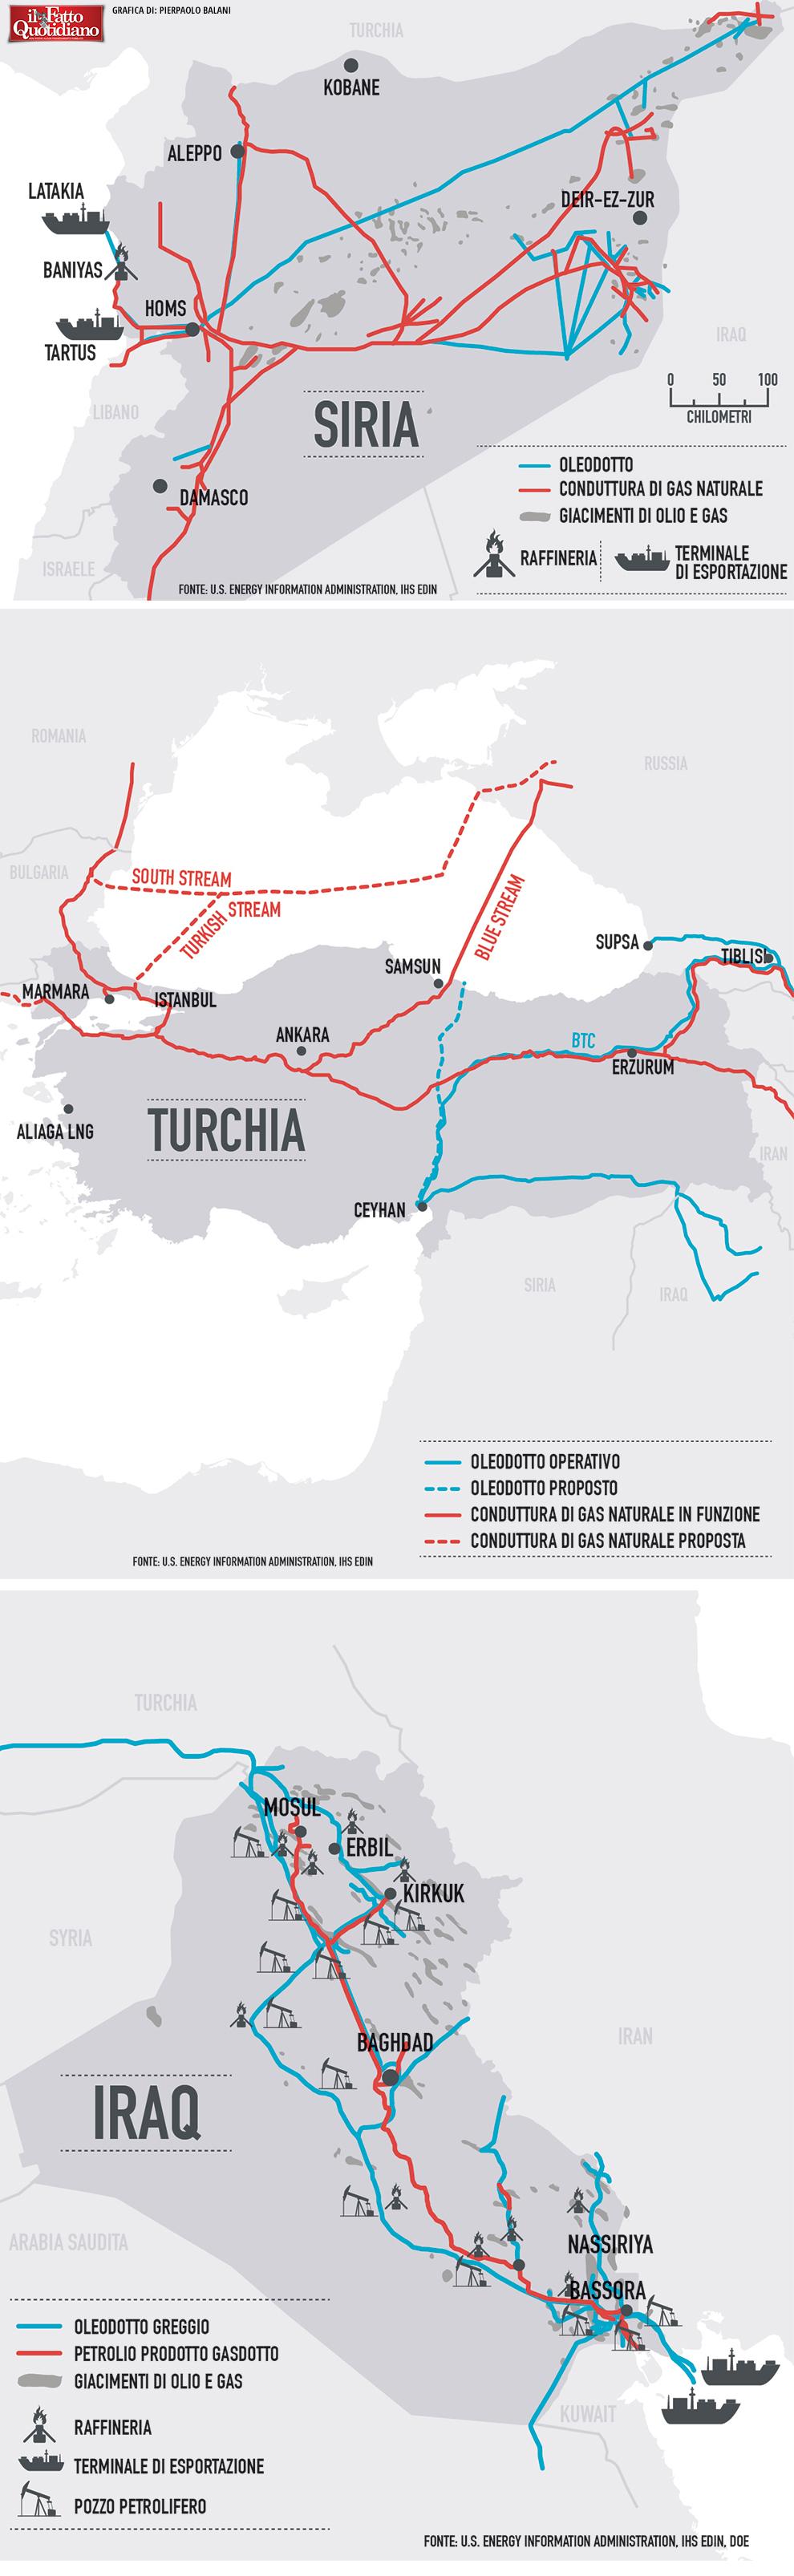 015-infografica-ilfattoquotidiano-syria-turchia-iraq-isis